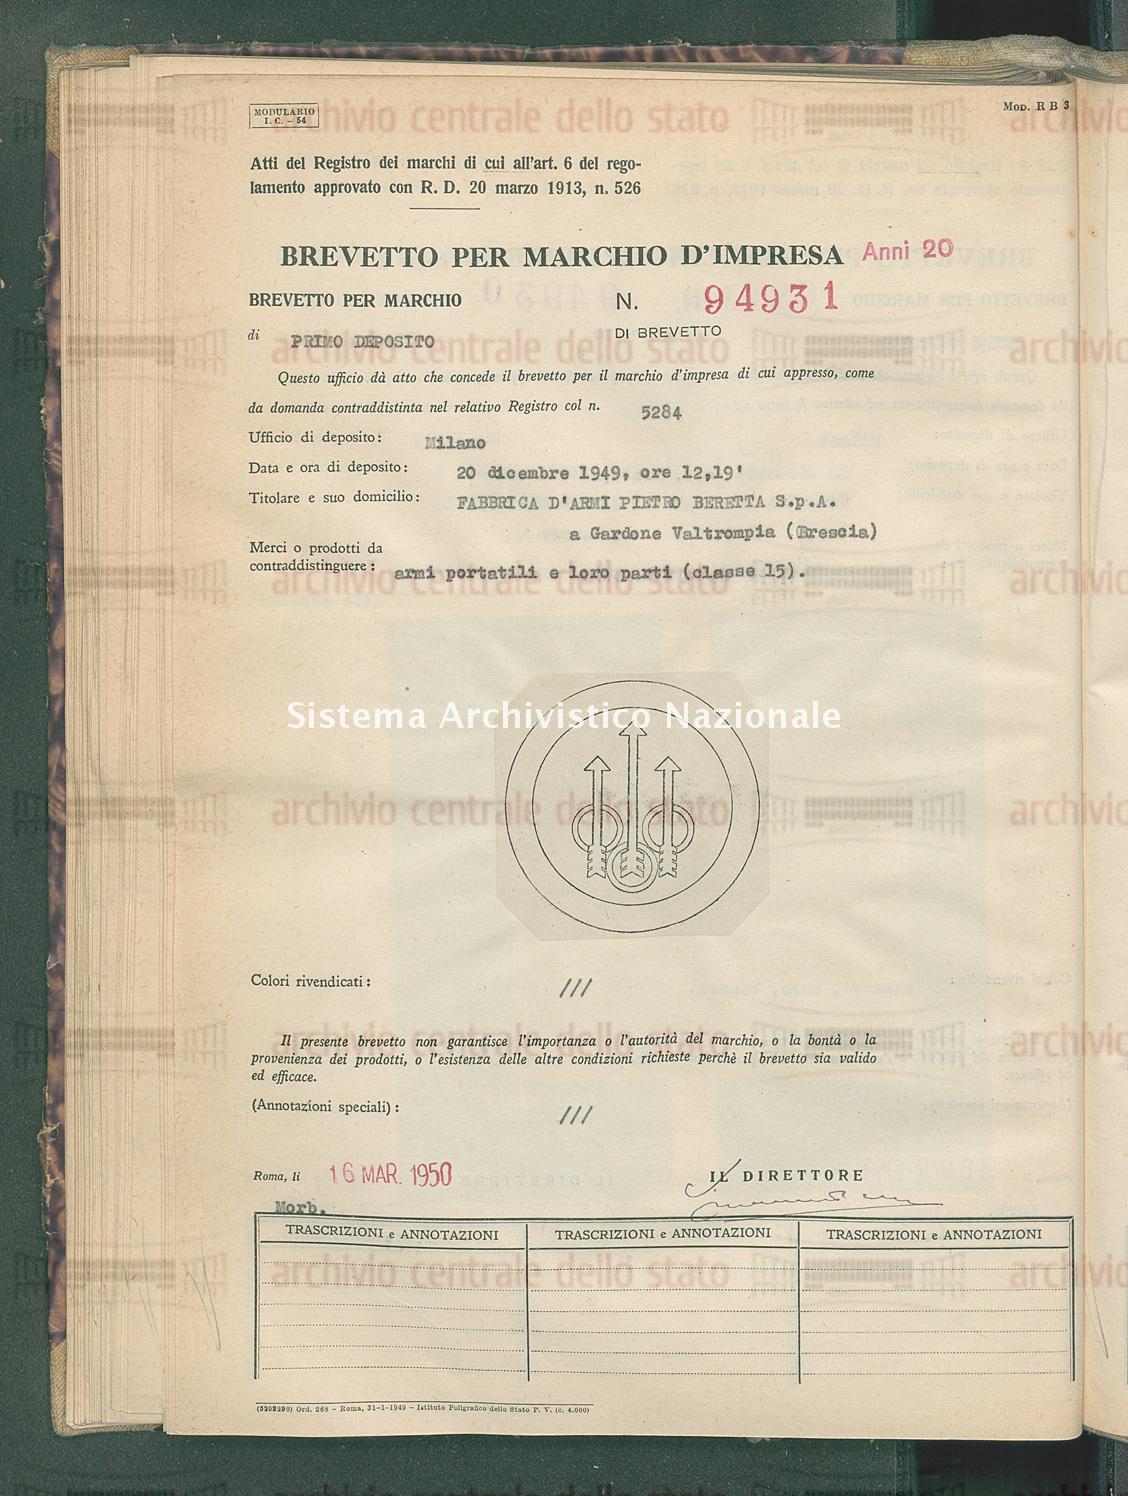 Armi portatili e loro parti Fabbrica D'Armi Pietro Beretta S.P.A. (16/03/1950)